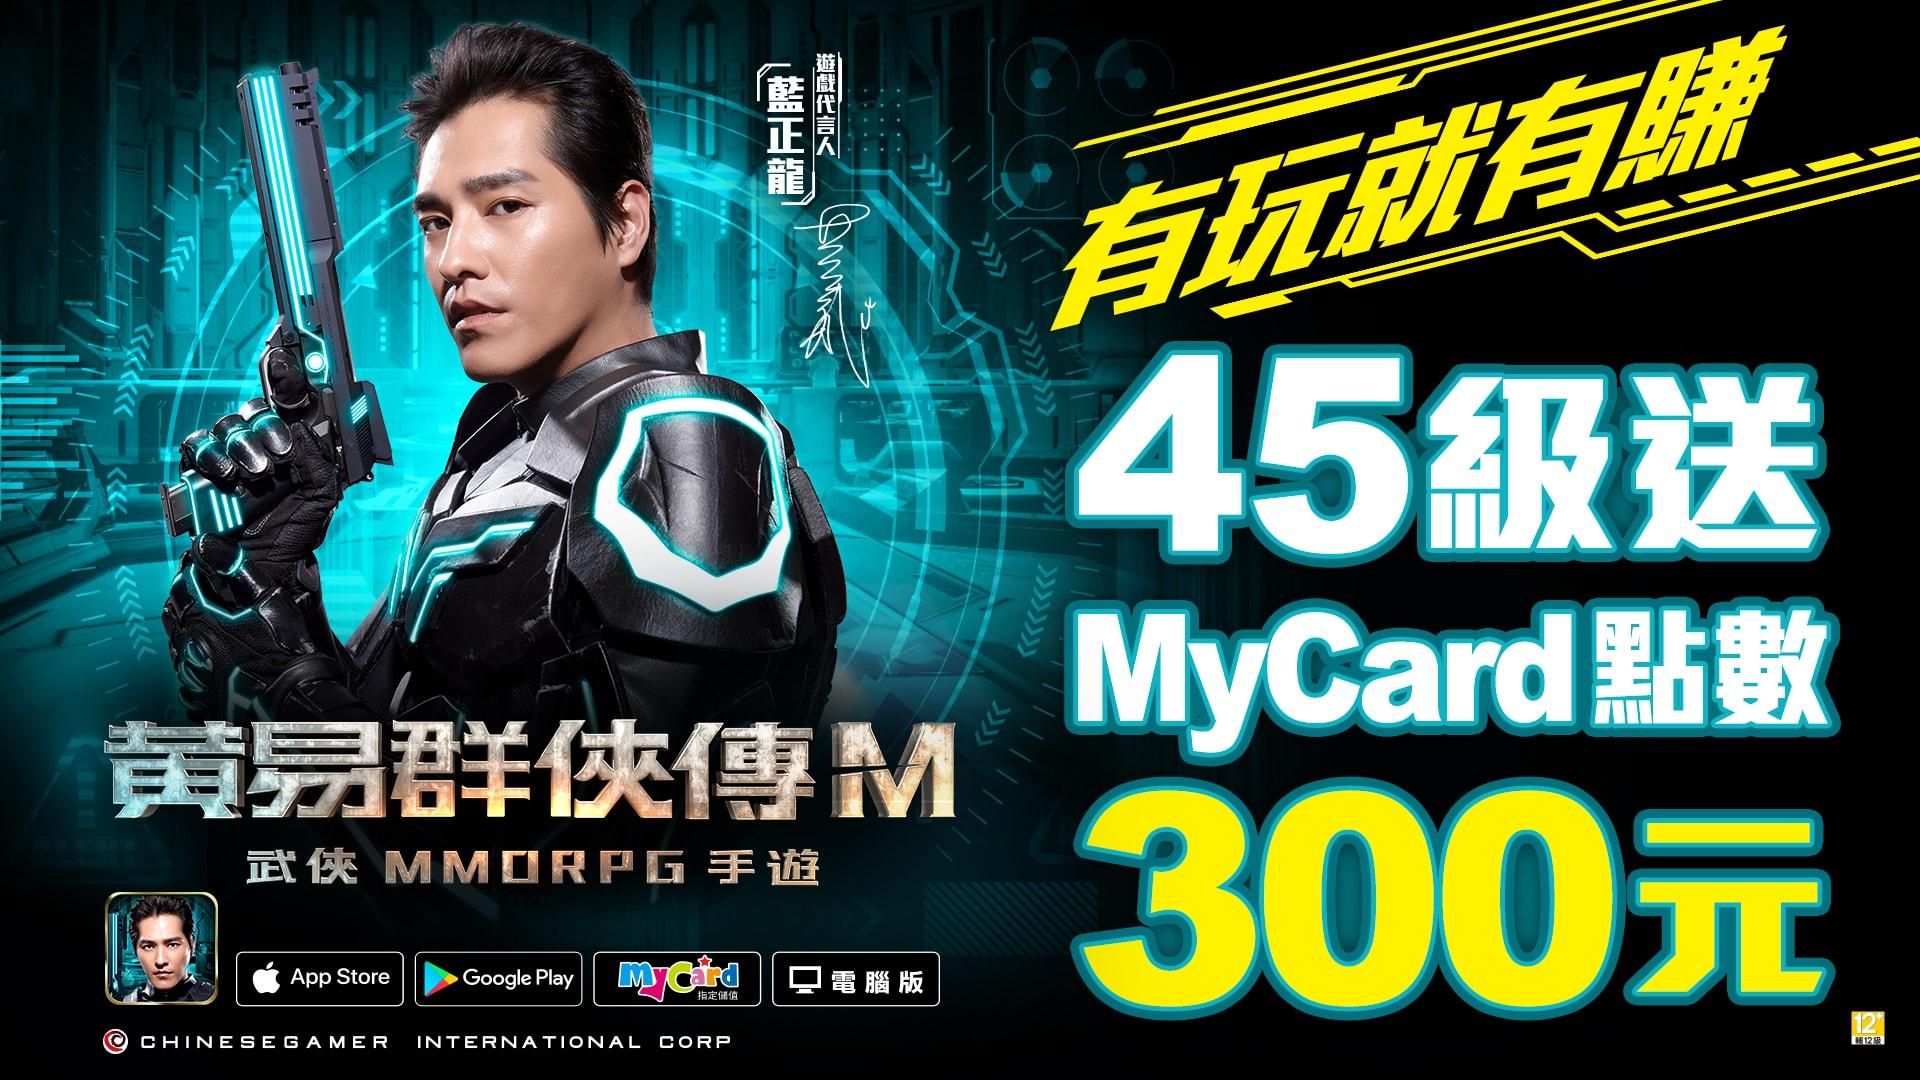 ▲《黃易群俠傳M》7/20正式上市,大方祭出千萬MyCard活動